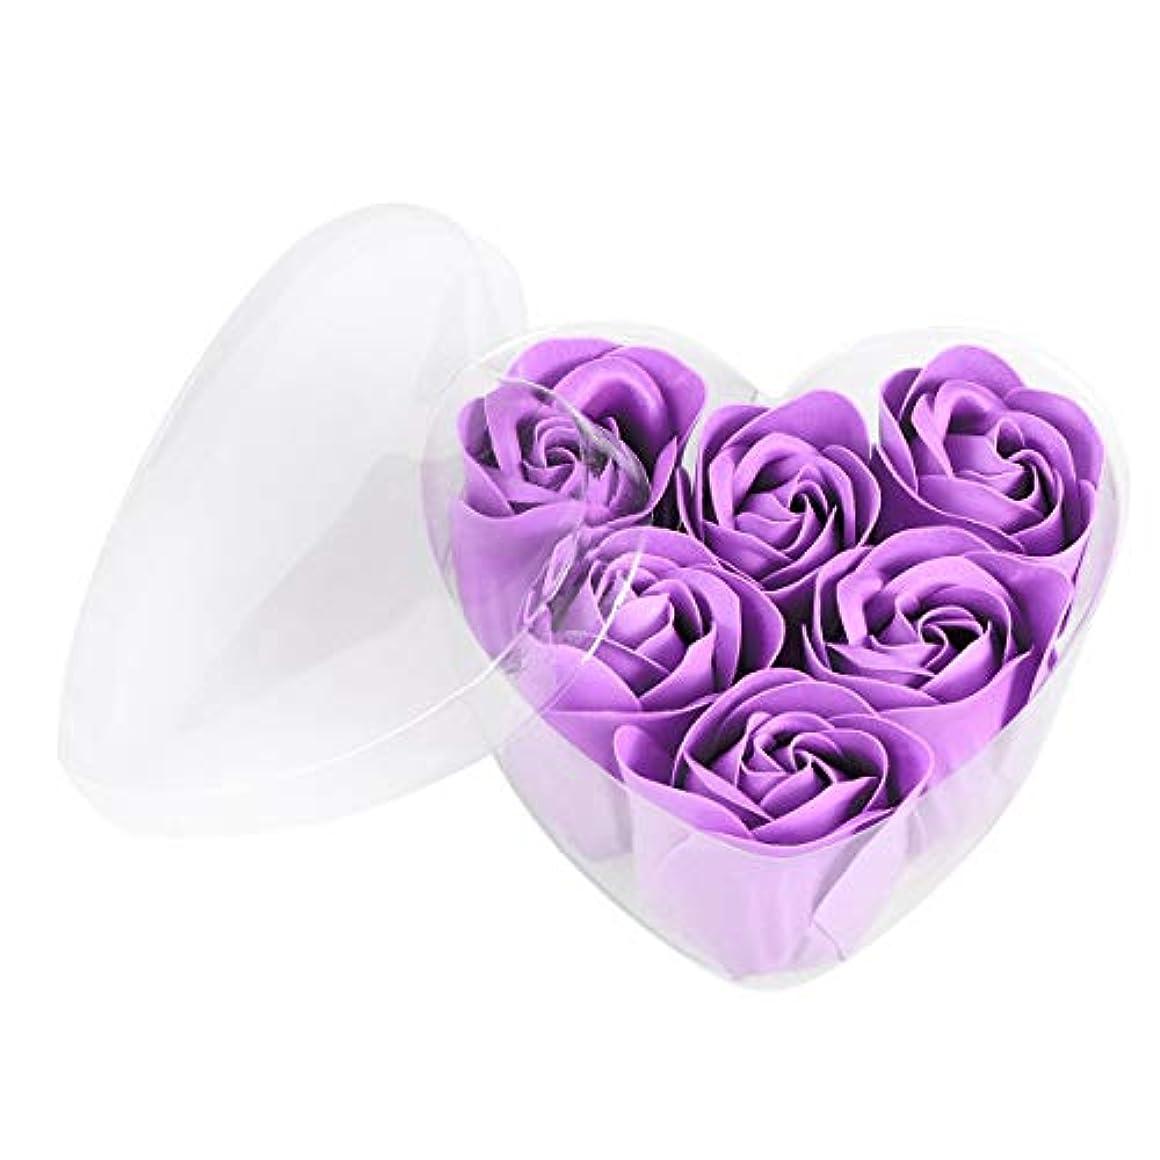 充実代表して発掘FRCOLOR 6ピースシミュレーションローズソープハート型フラワーソープギフトボックス用誕生日Valentin's Day(紫)